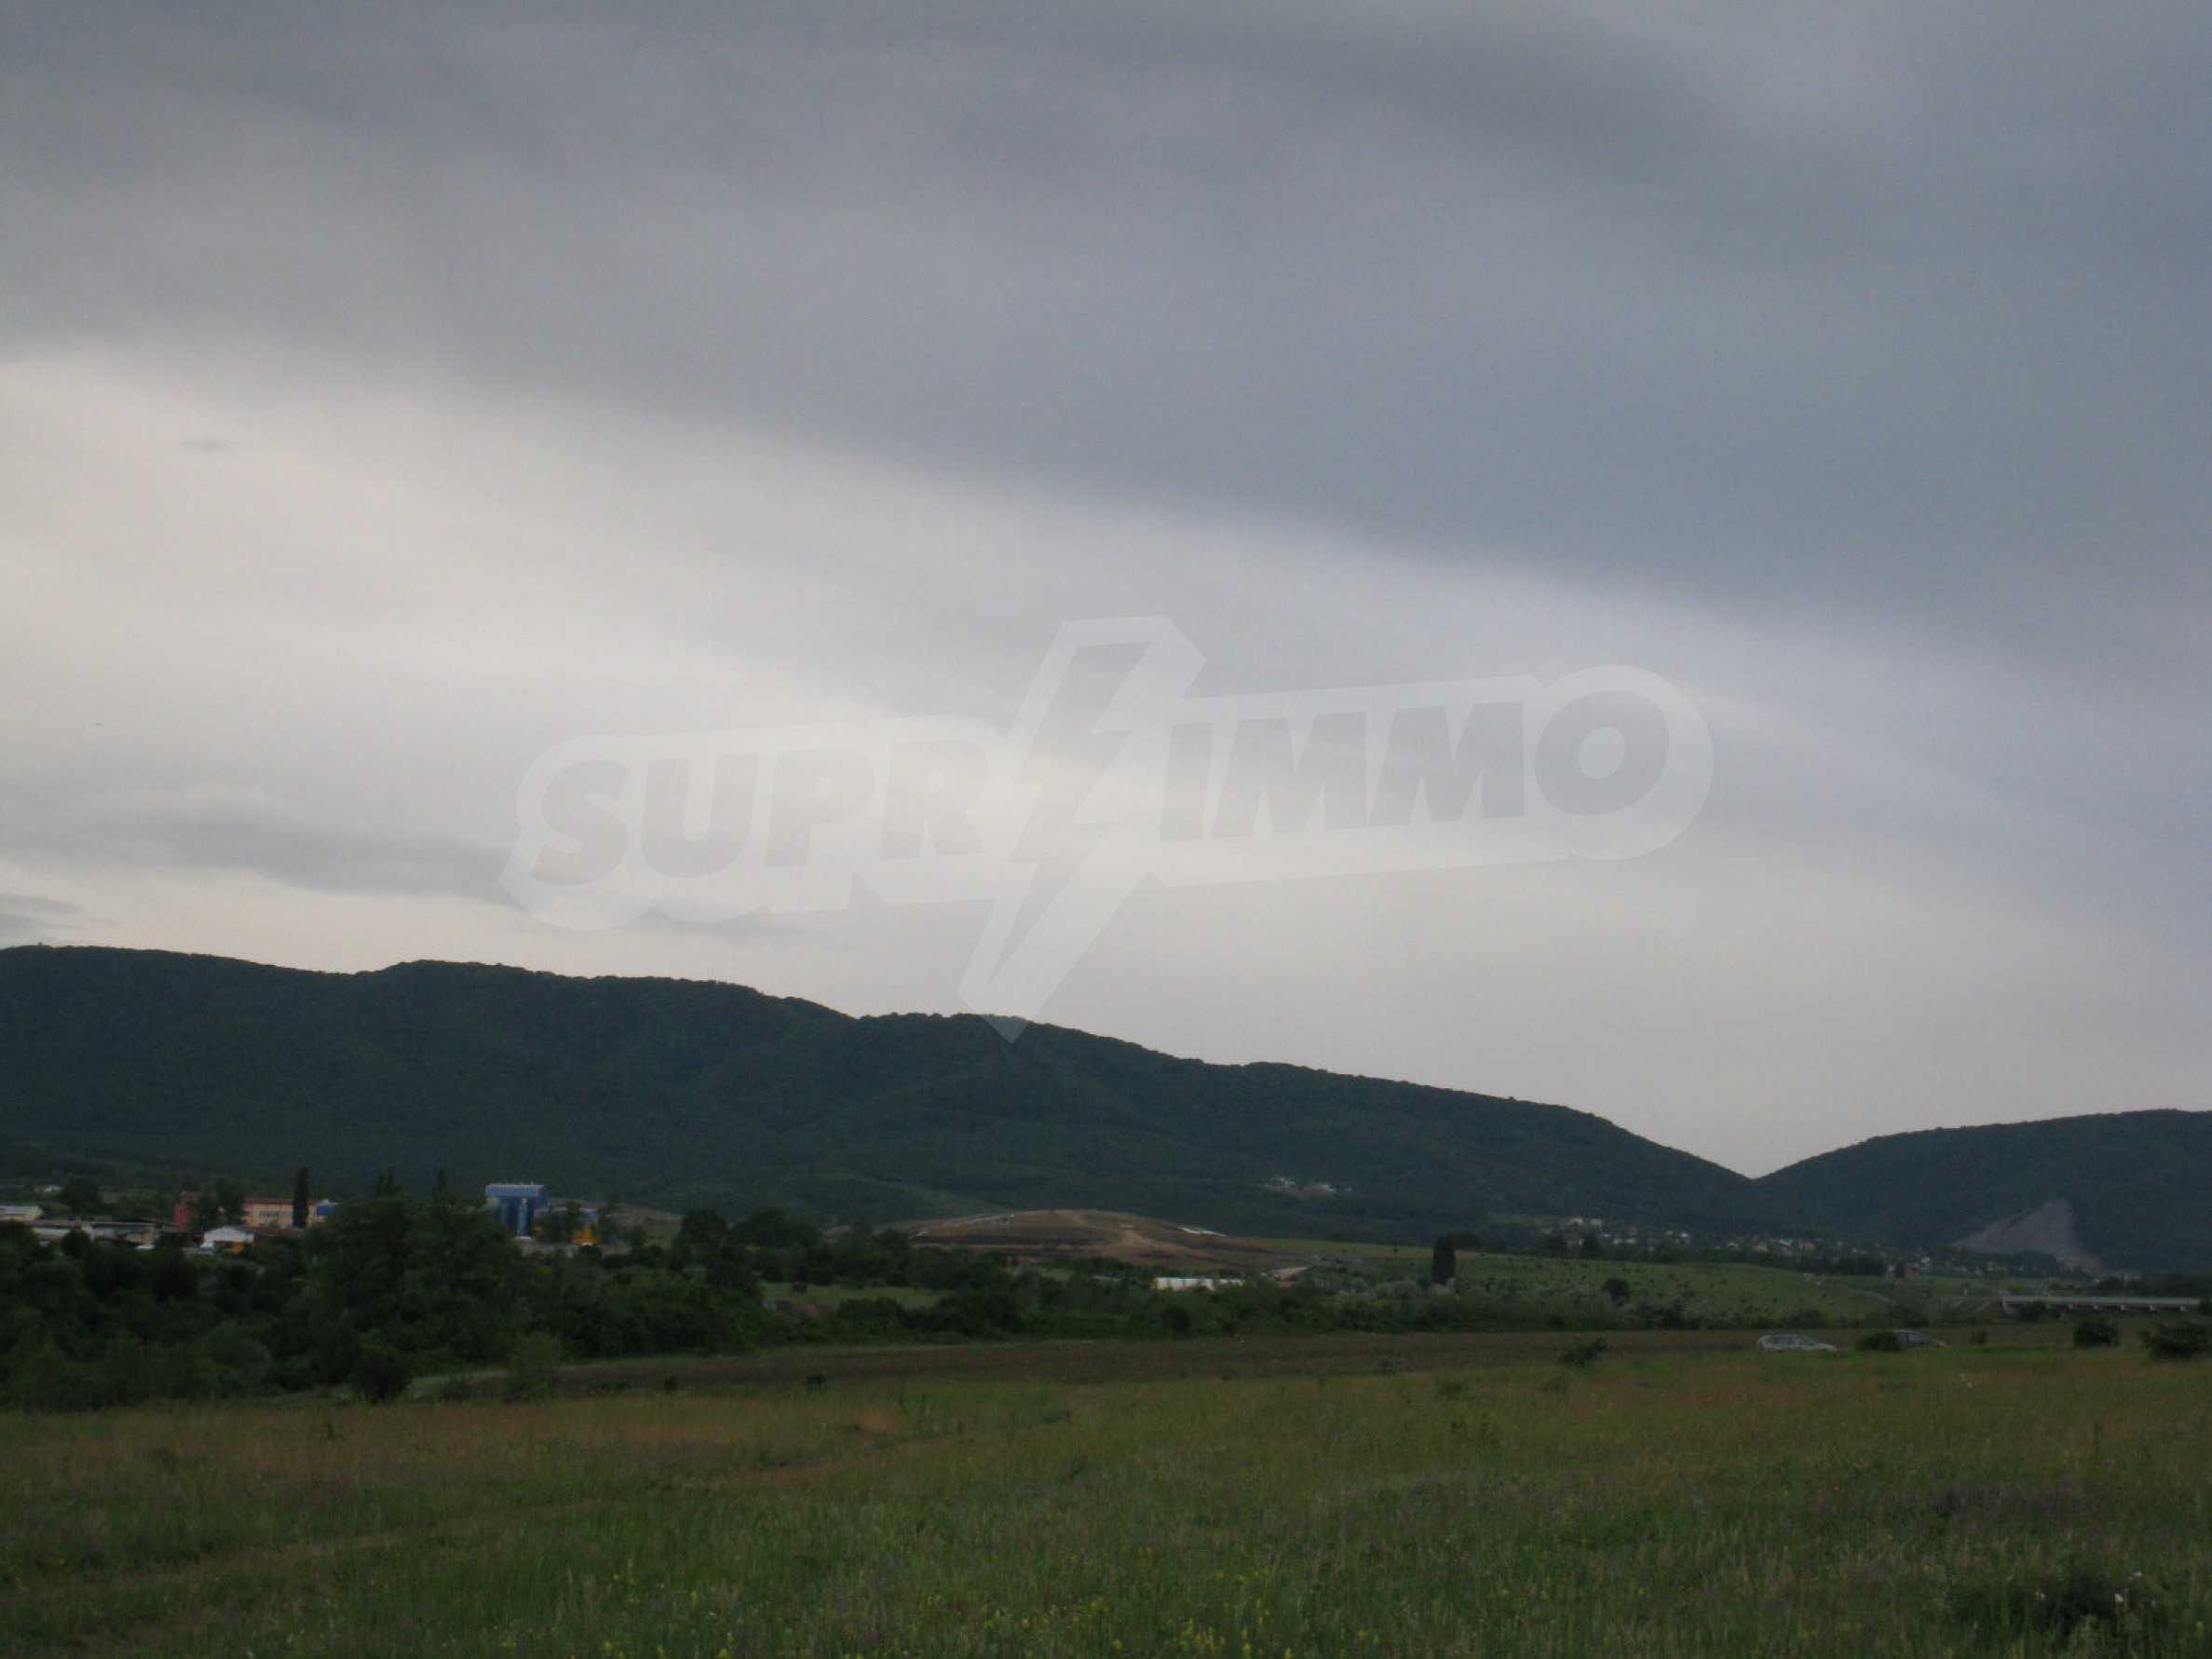 Ackerland in der Nähe eines Sees in Suhodol 9